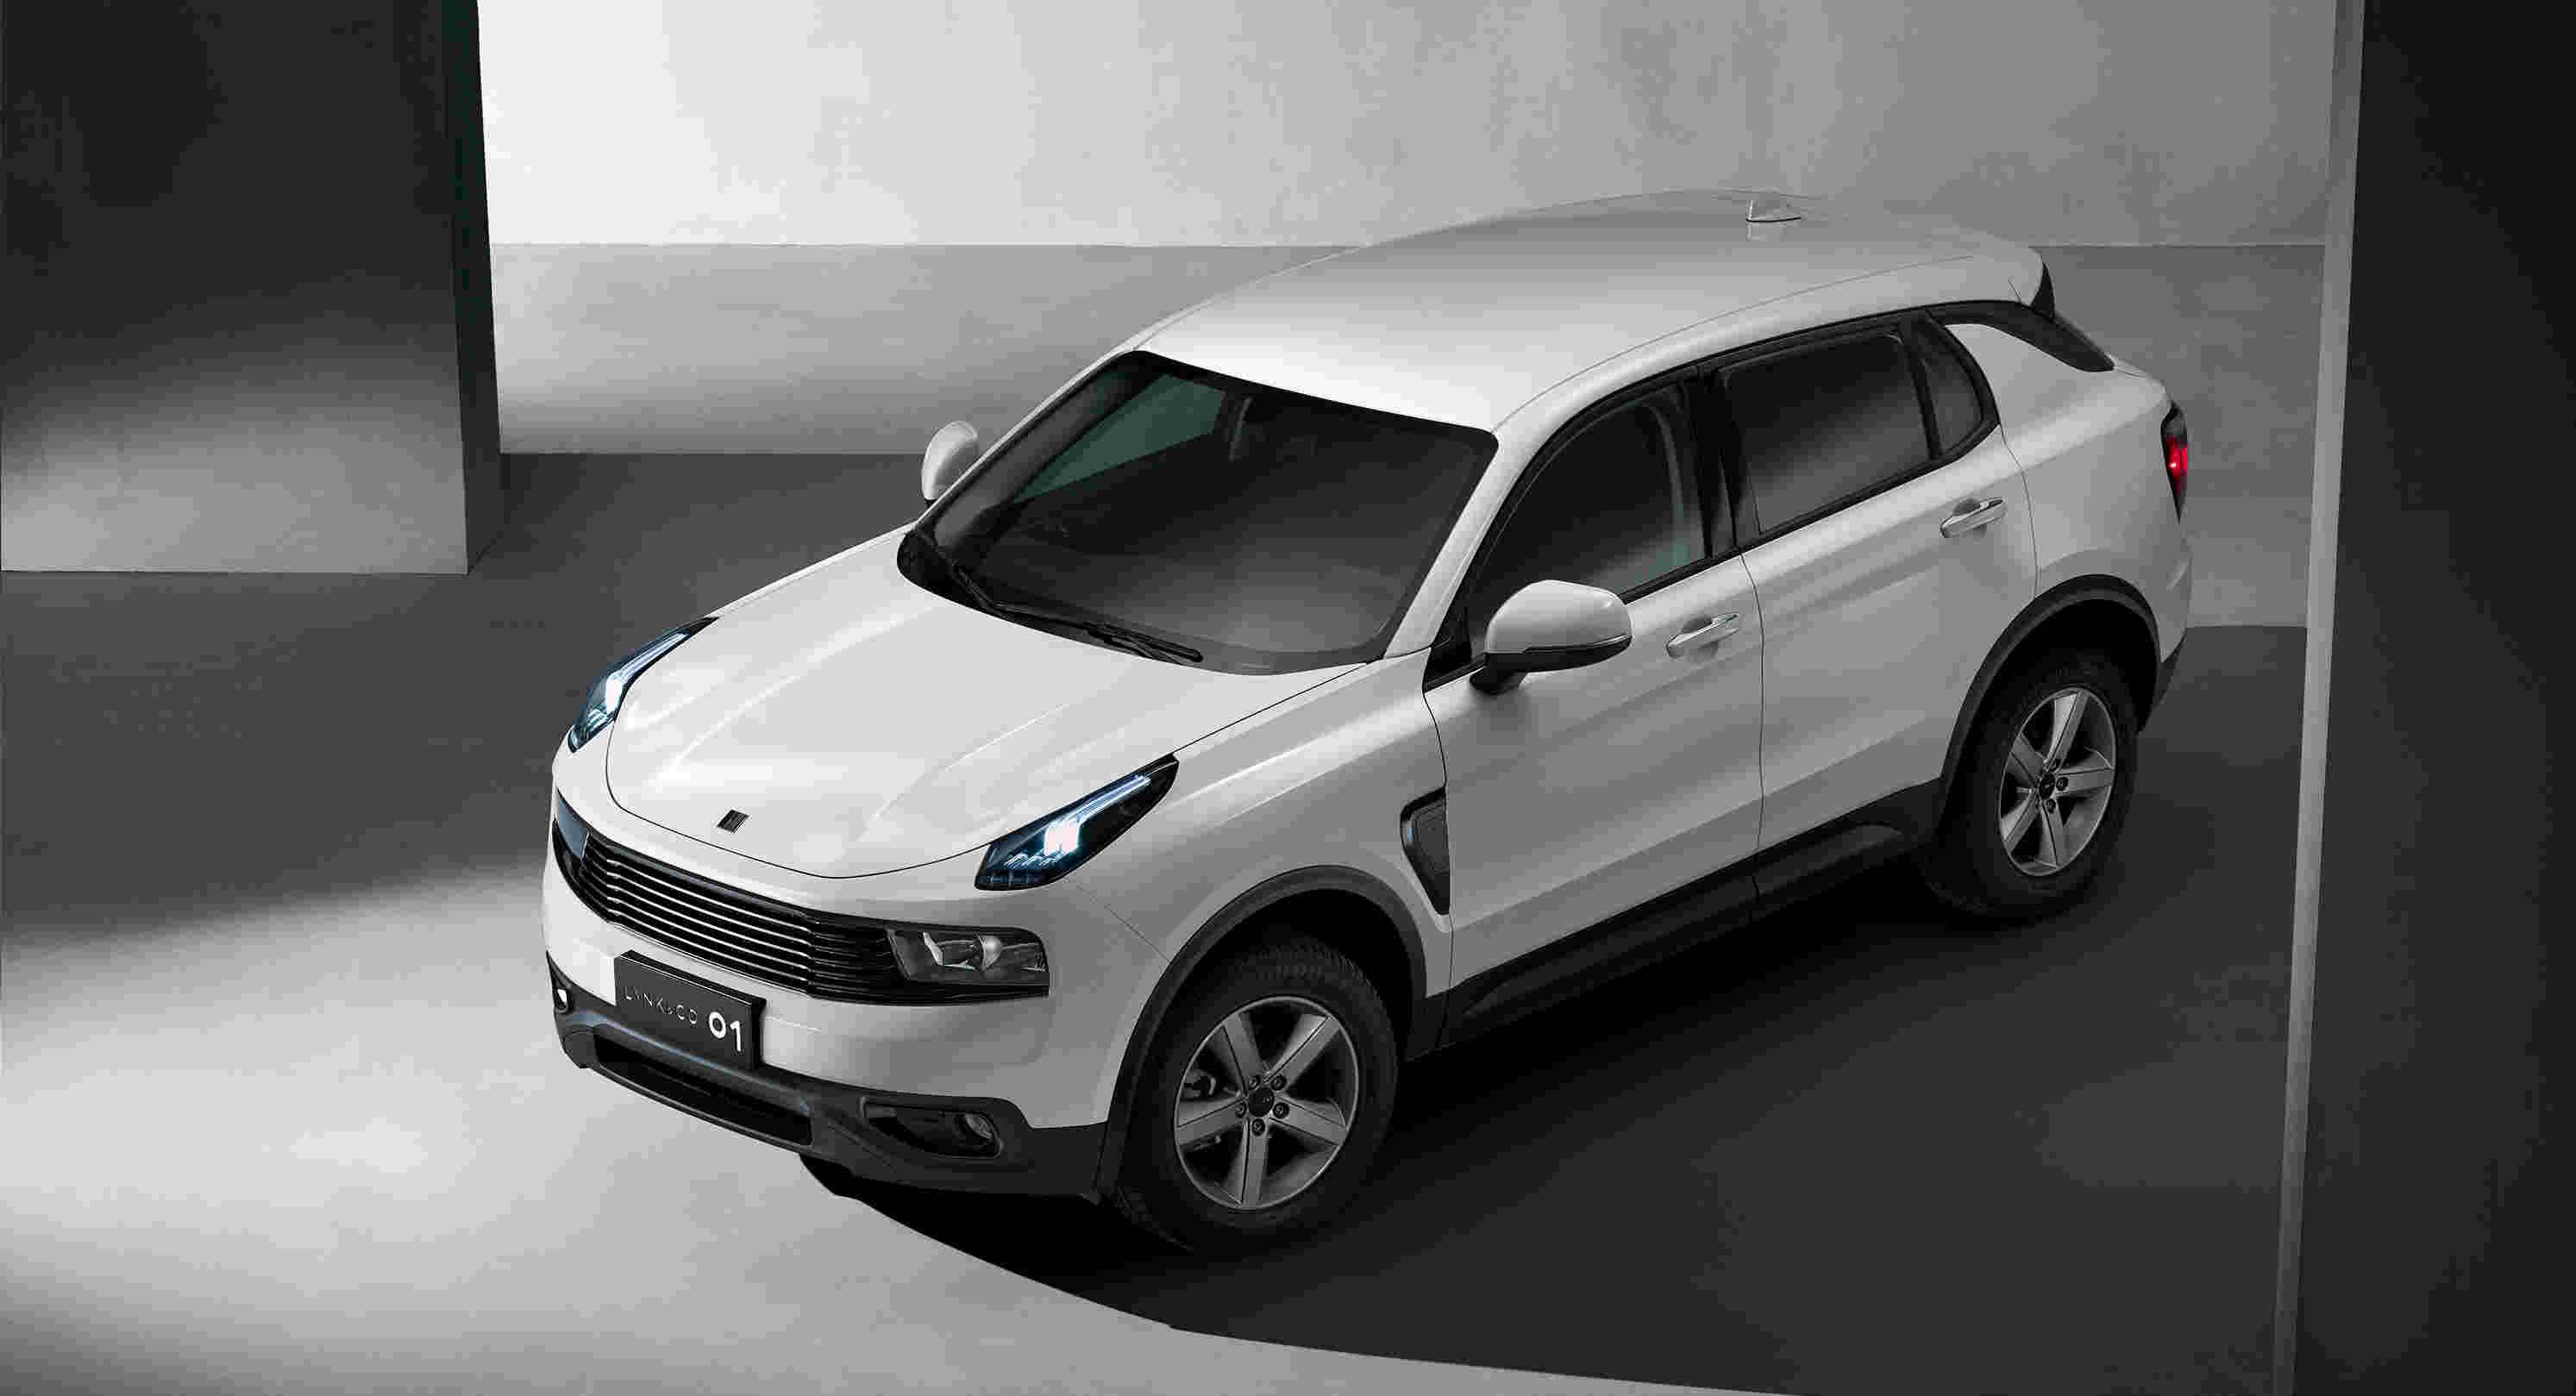 """领克首度曝光领克 01""""耀、型、劲、纯""""四种风格设计的车型信息,图为纯白Lite车型.jpg"""